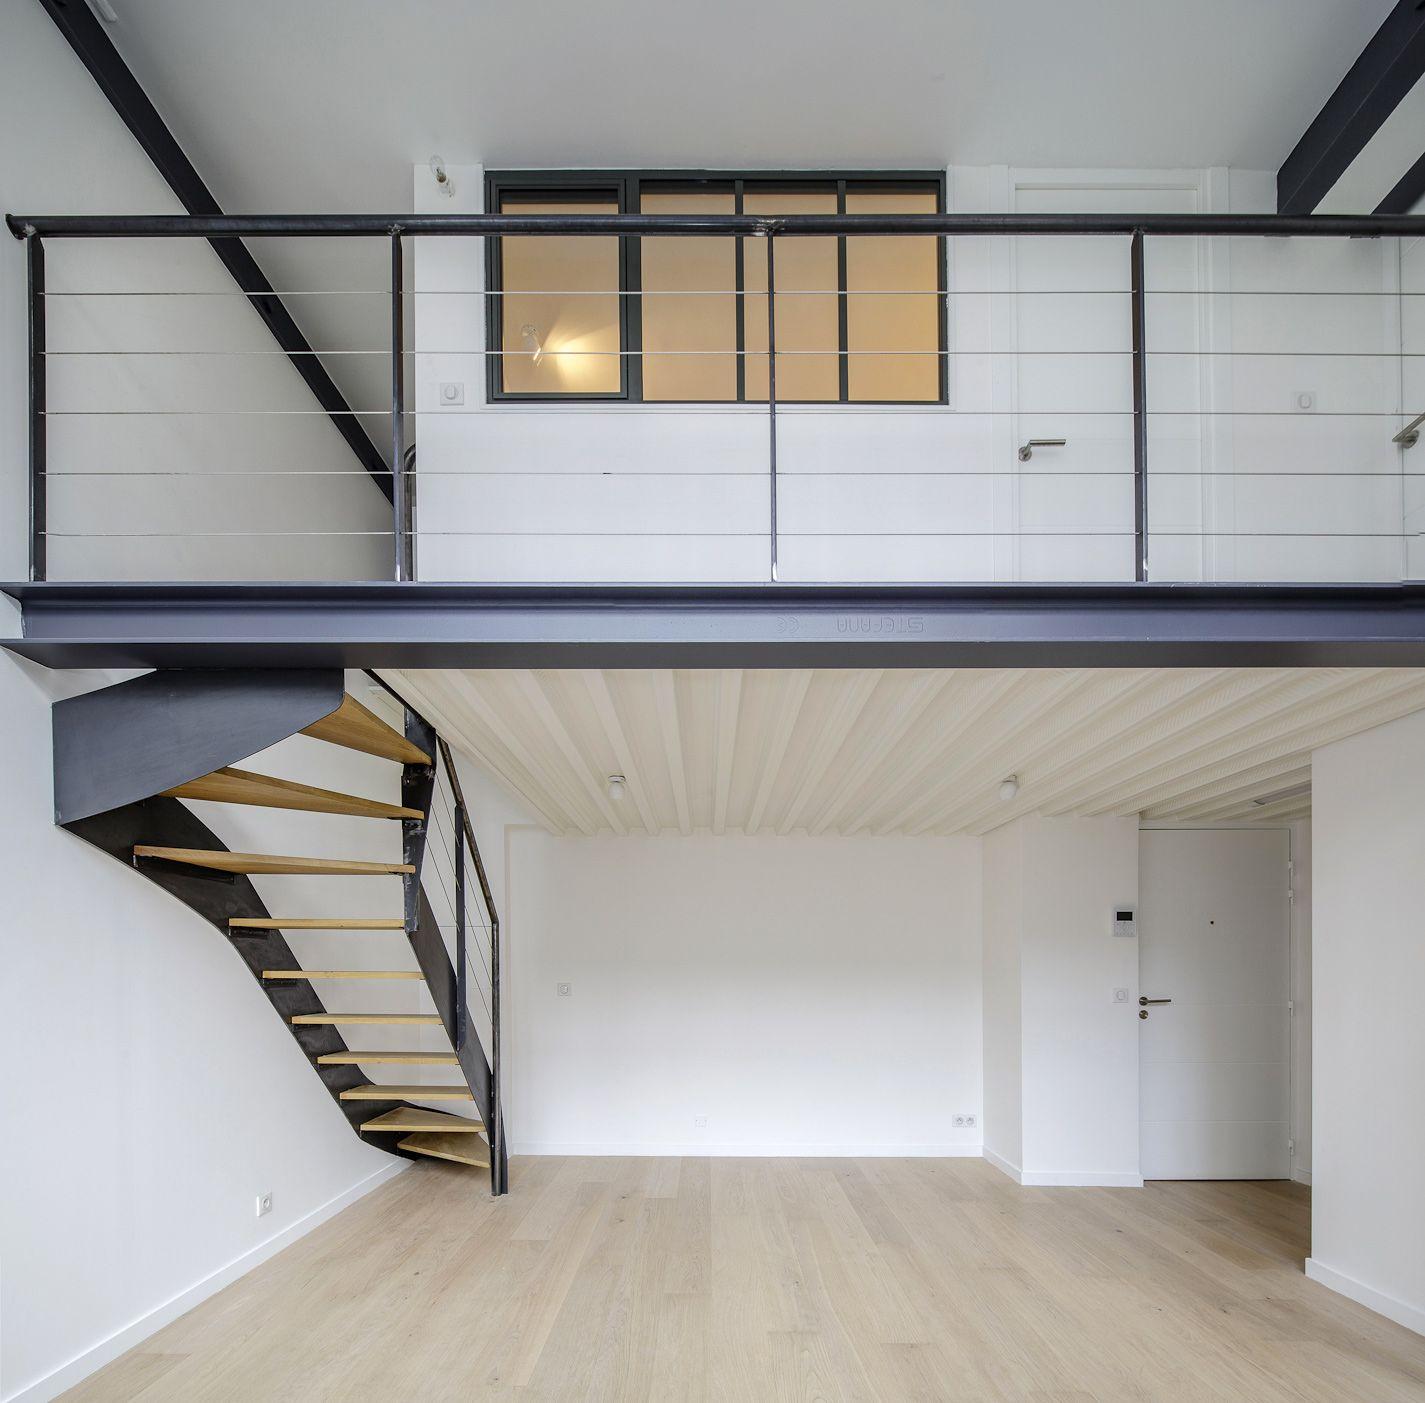 ateliers de hauteville 75010 paris transformation d une ancienne fonderie de caract res d. Black Bedroom Furniture Sets. Home Design Ideas